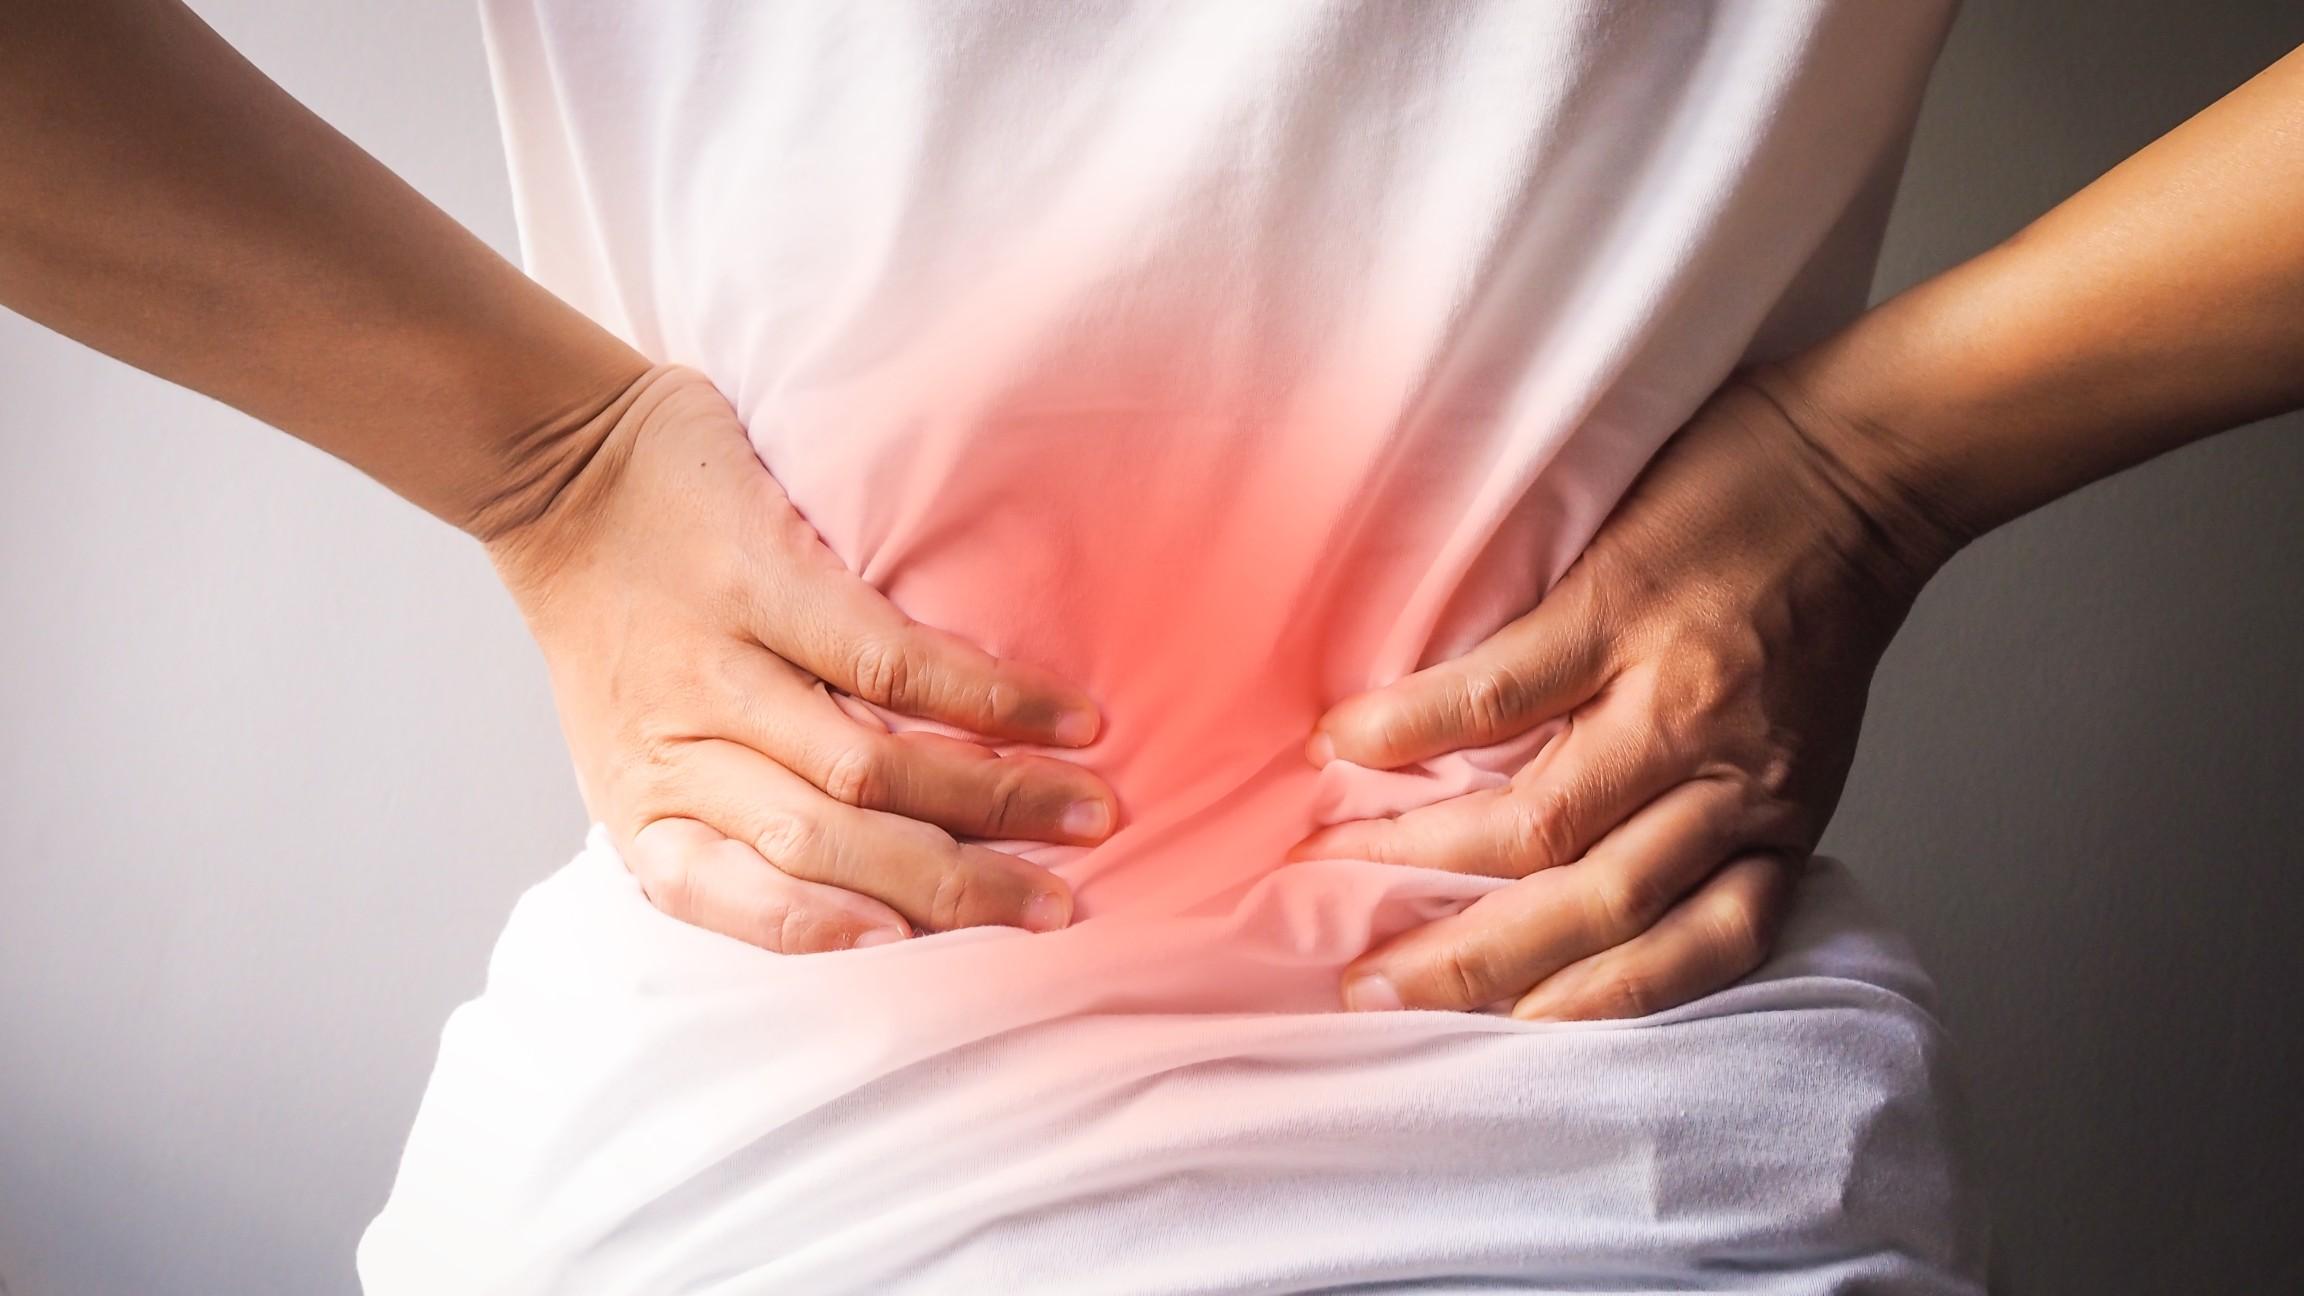 Les maladies qui peuvent provoquer un mal de dos